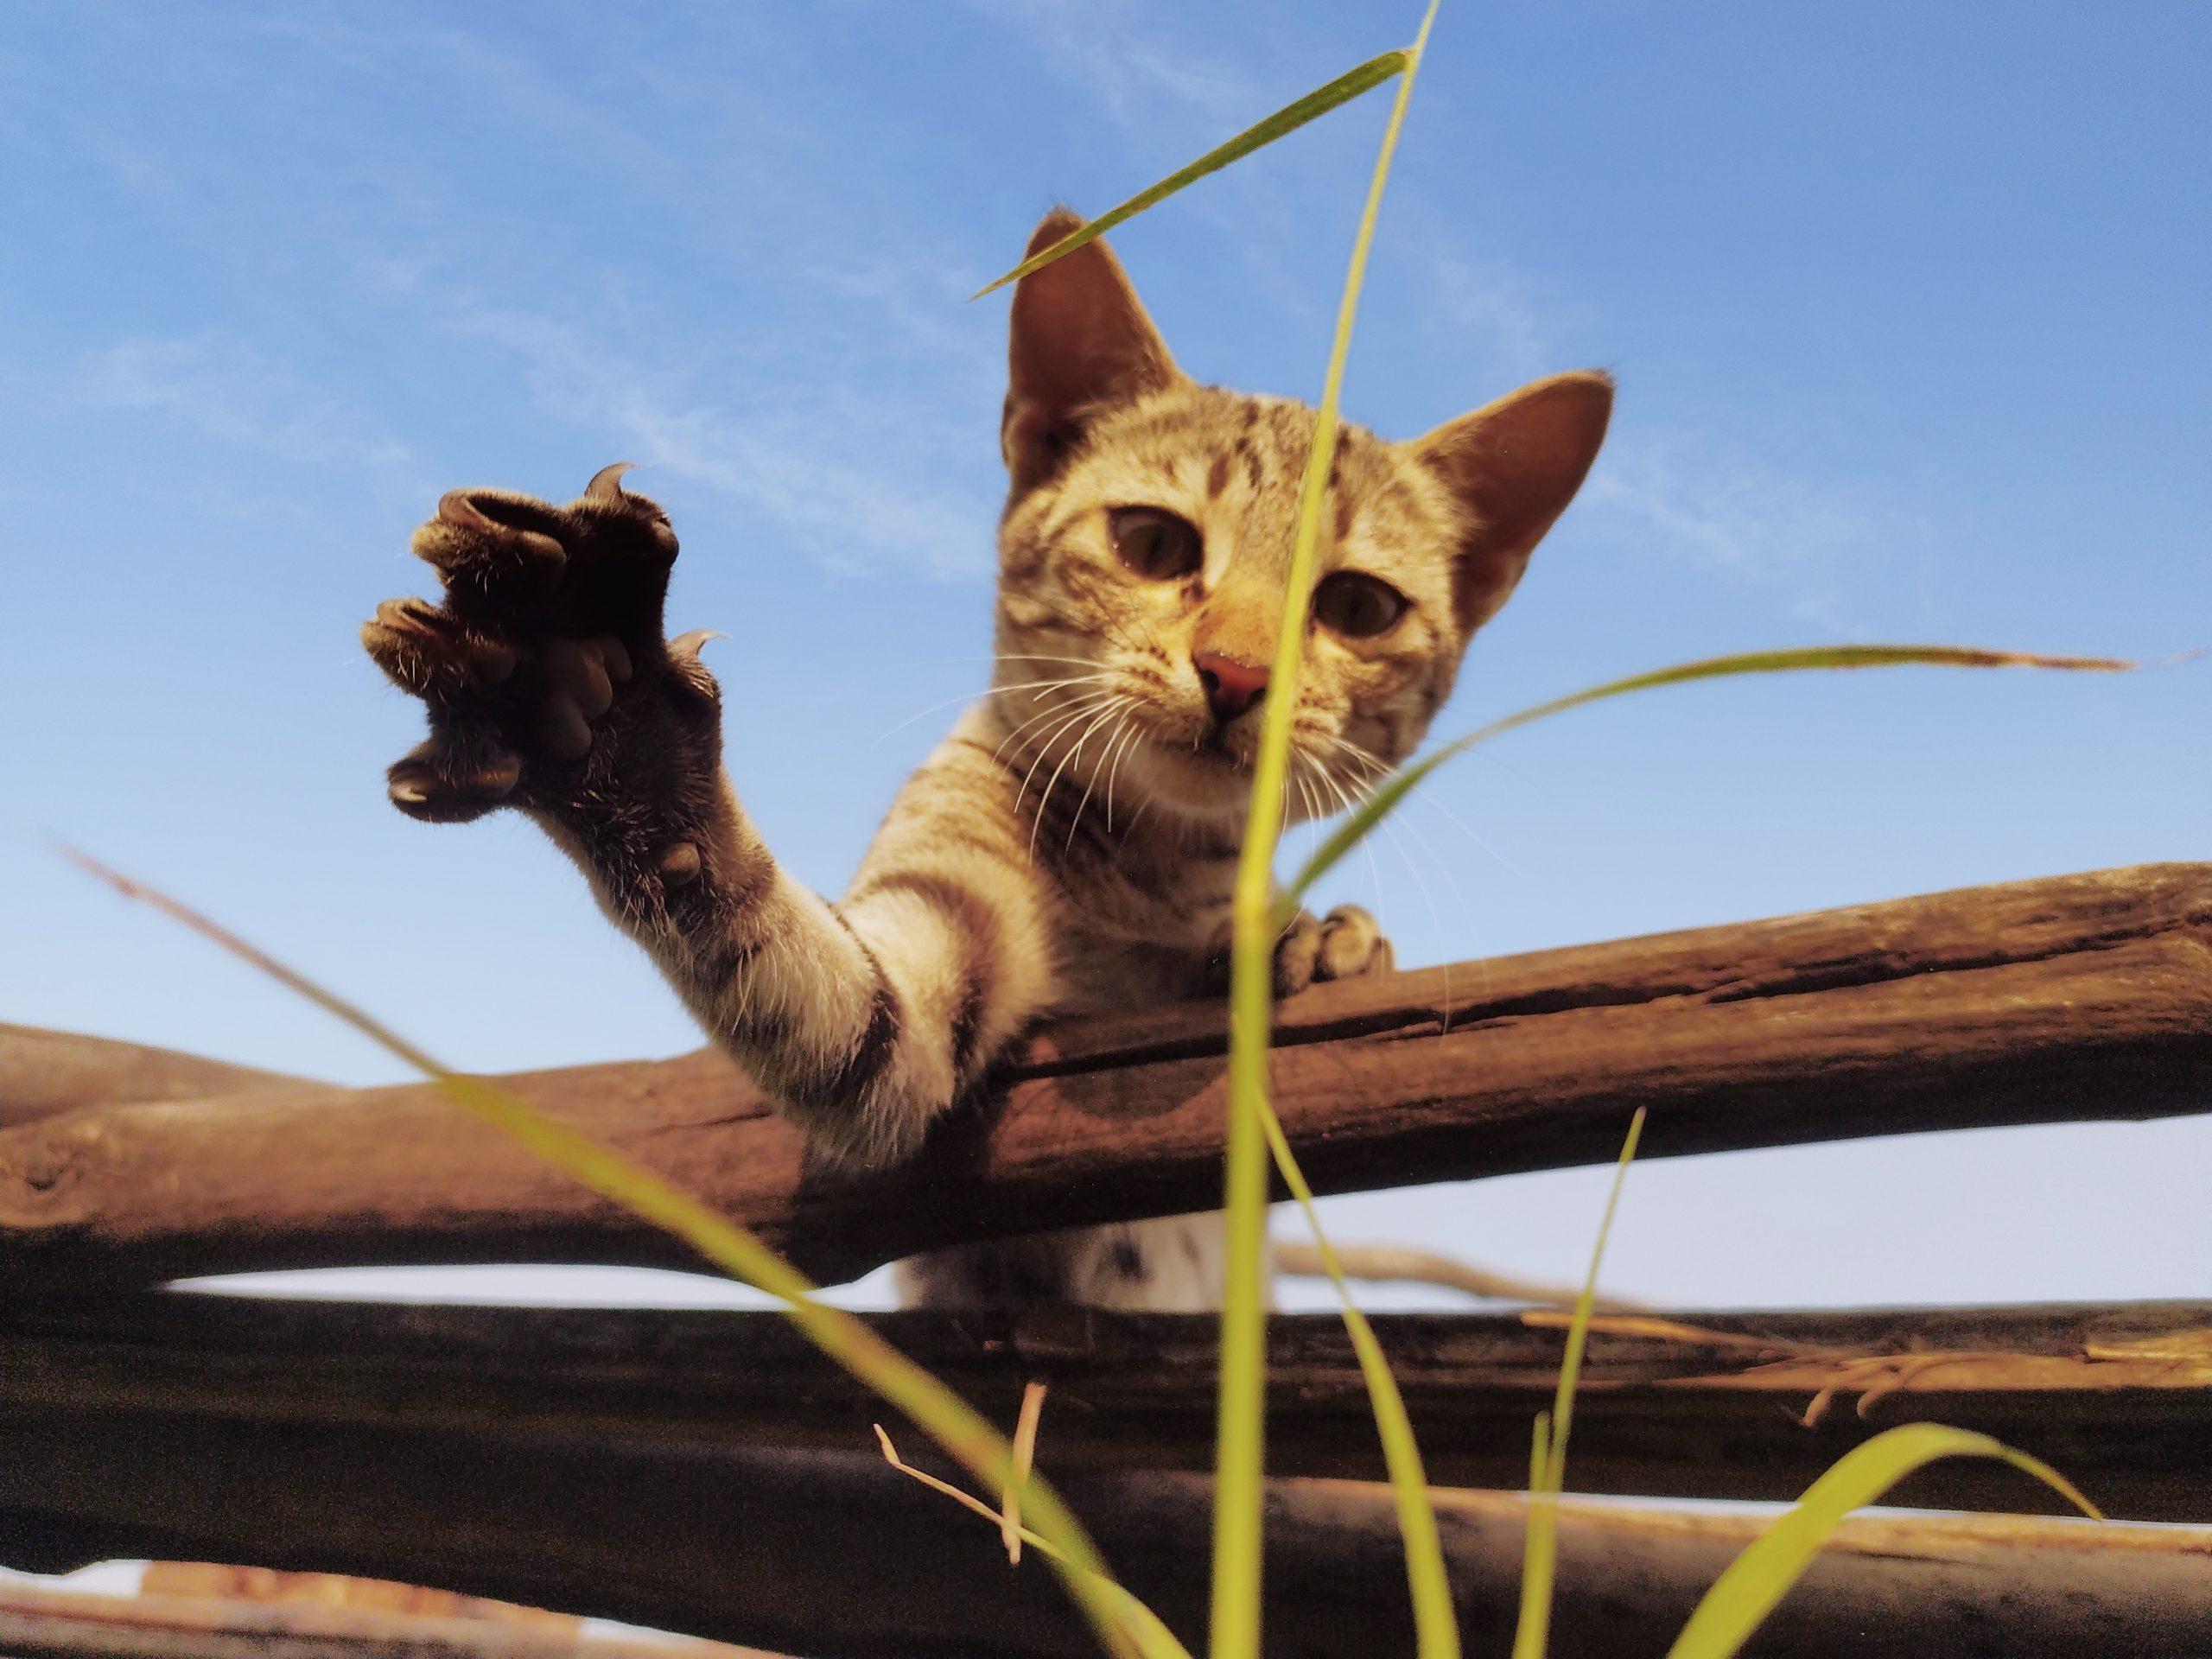 Aggressive cat paw